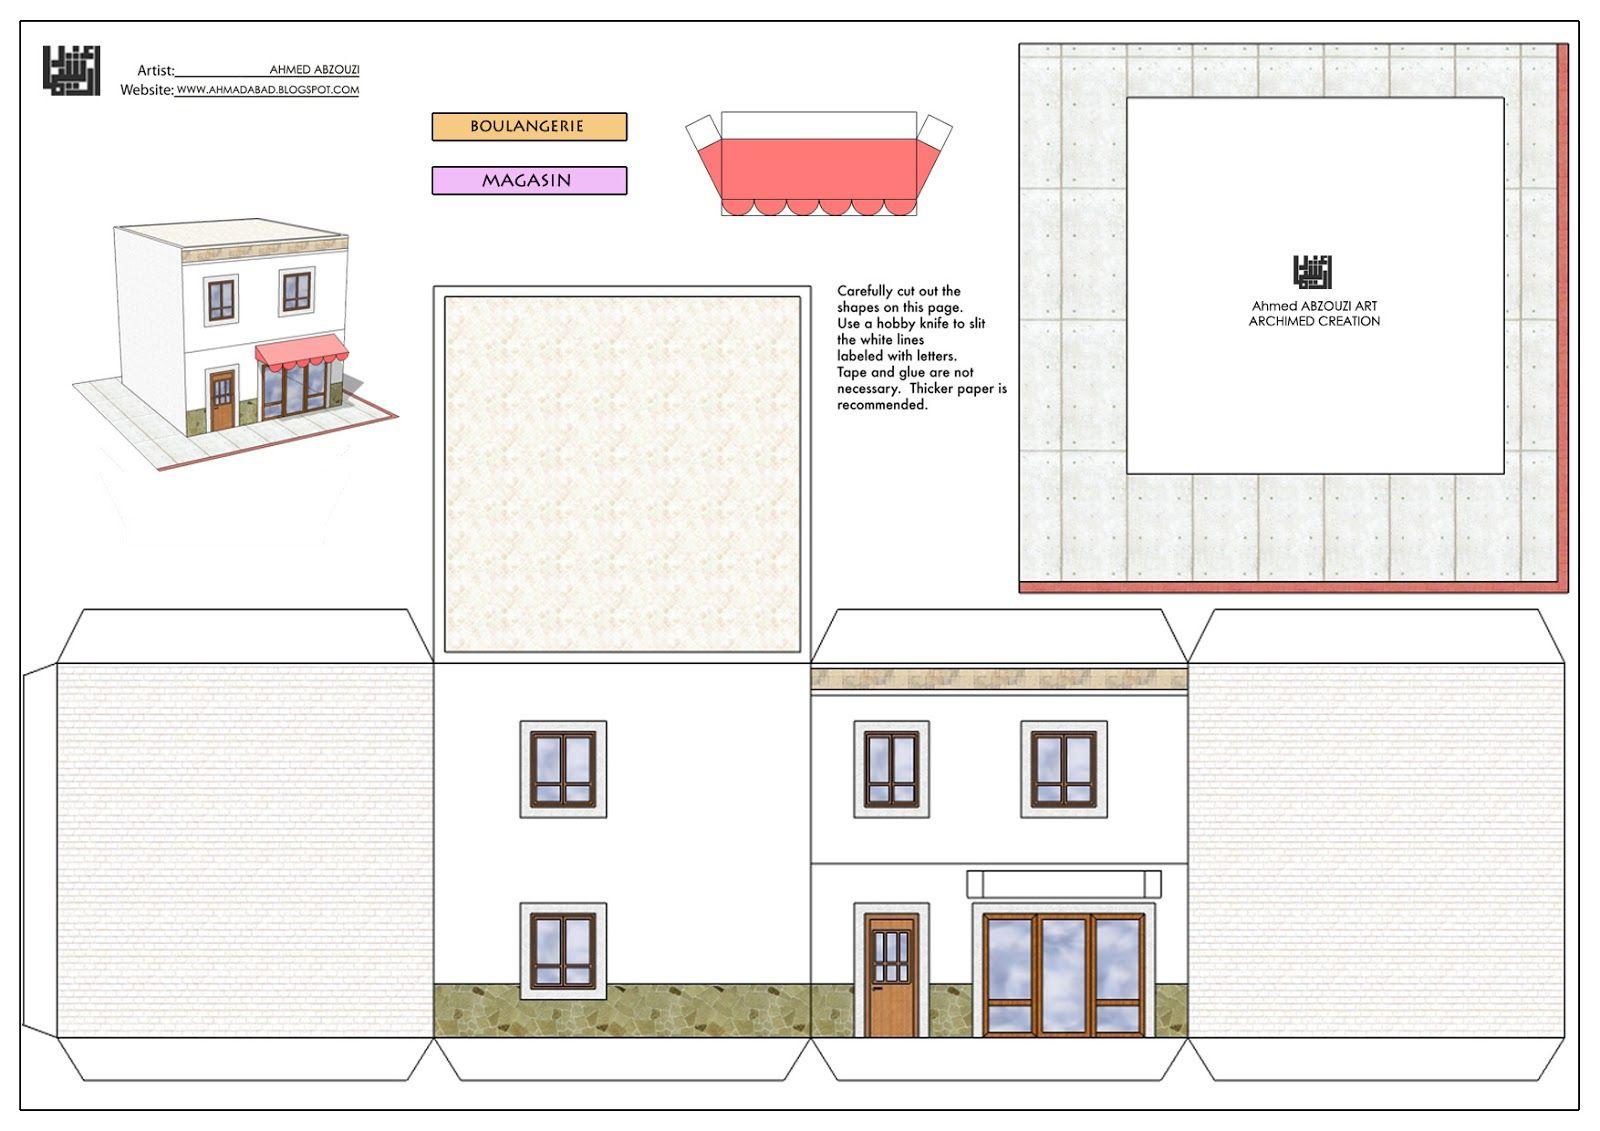 Superior Maison Papier A Decouper #3: Maquette De Maison En intérieur Maison Papier A Decouper